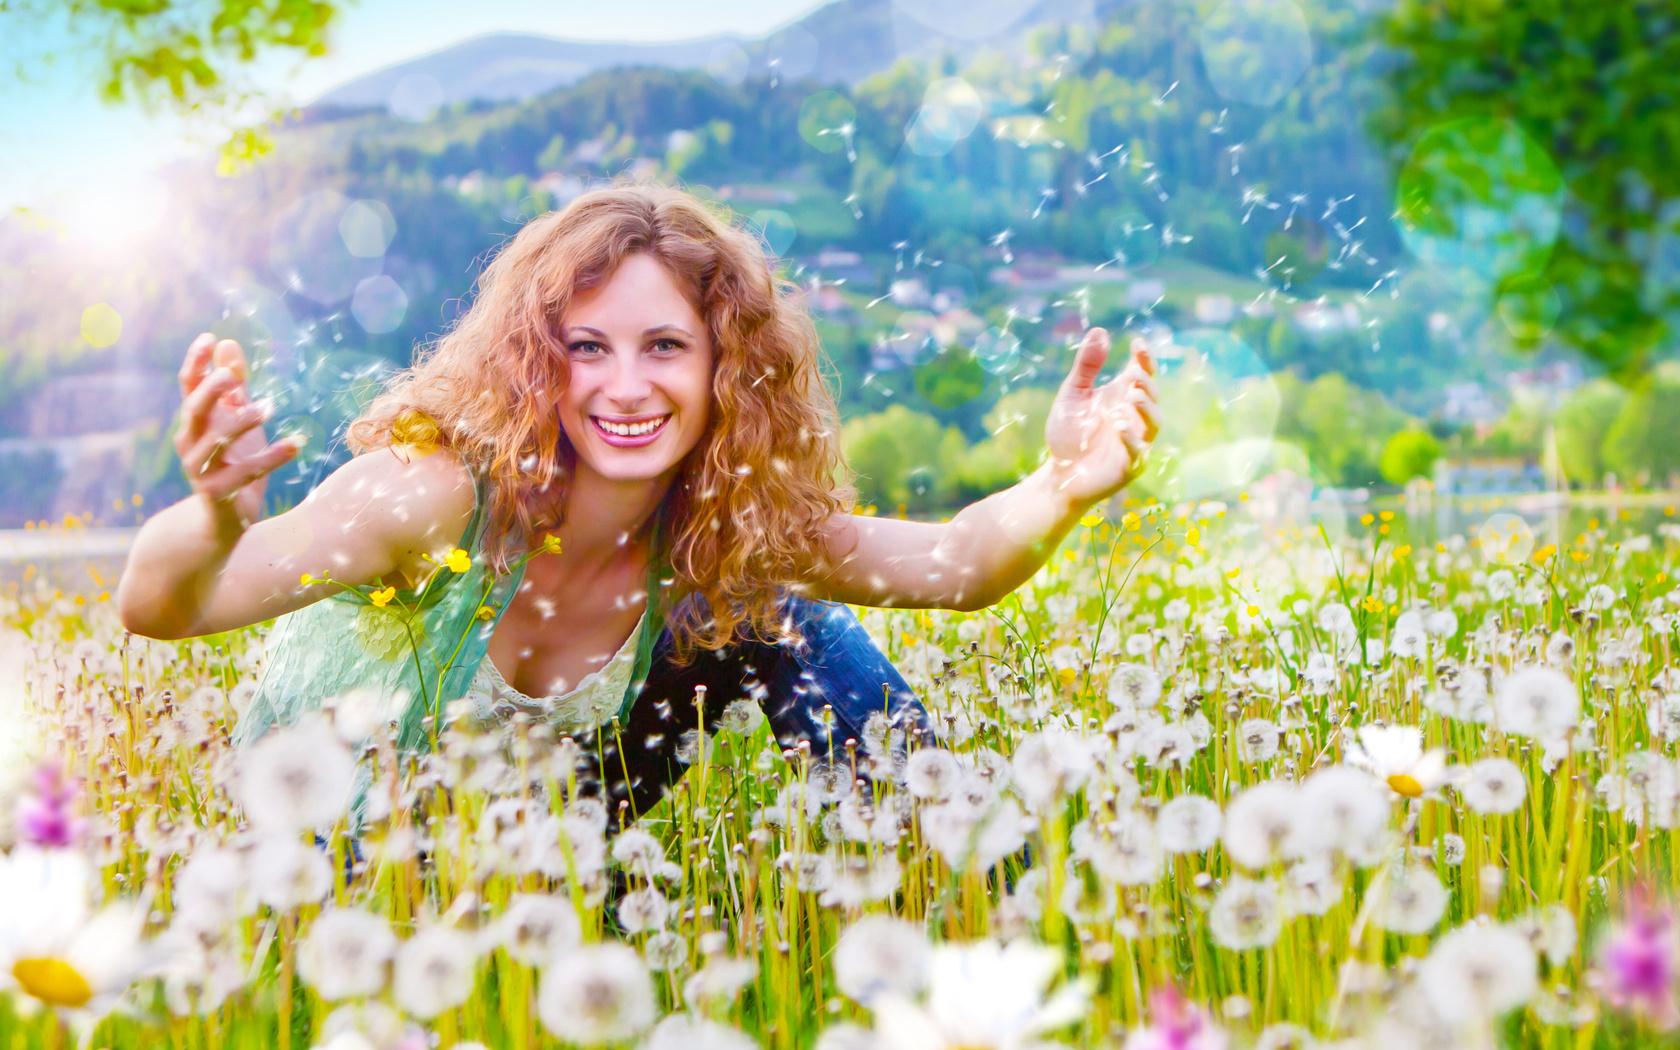 вам фото радости и счастья большого размера краску для всех